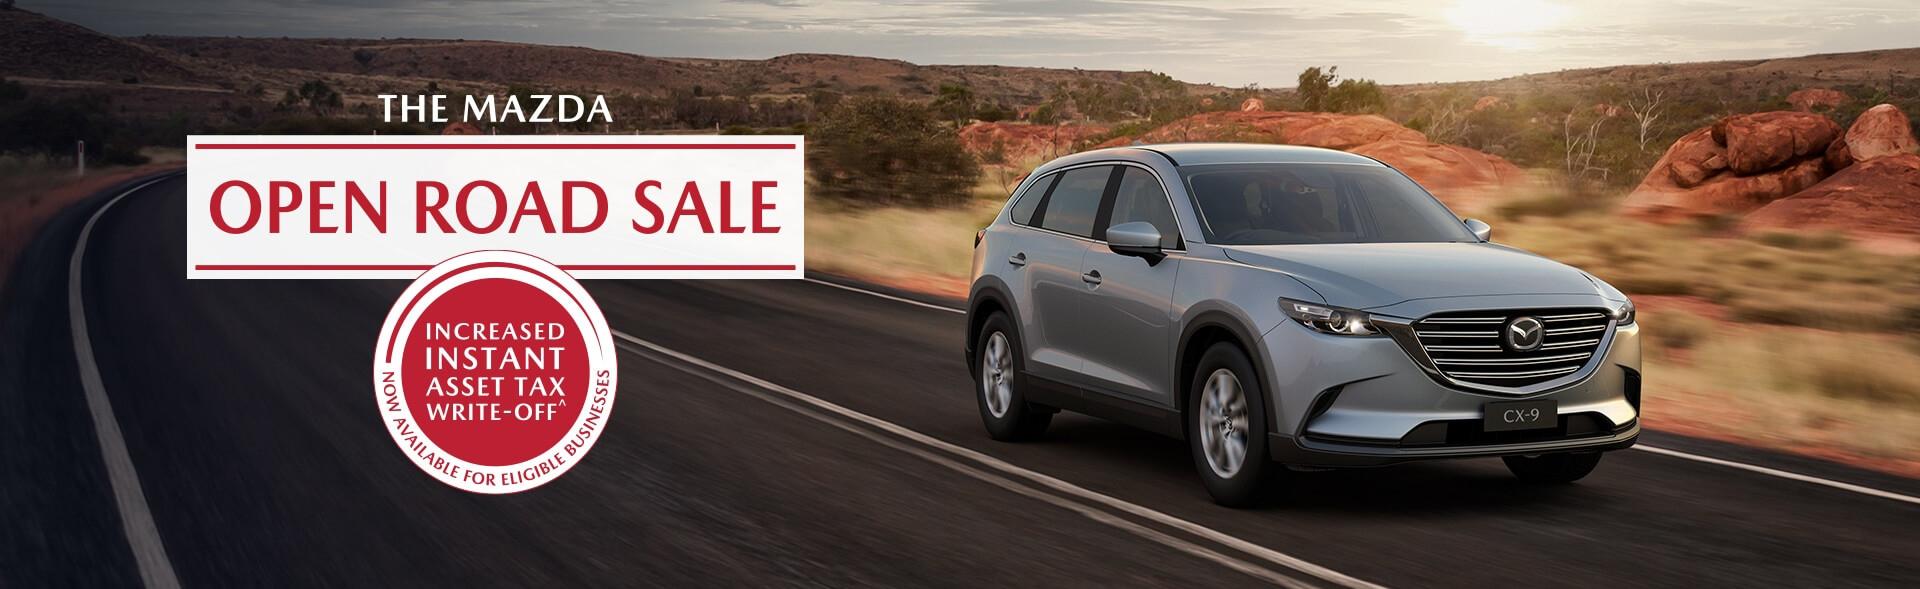 The Mazda Open Road Sale